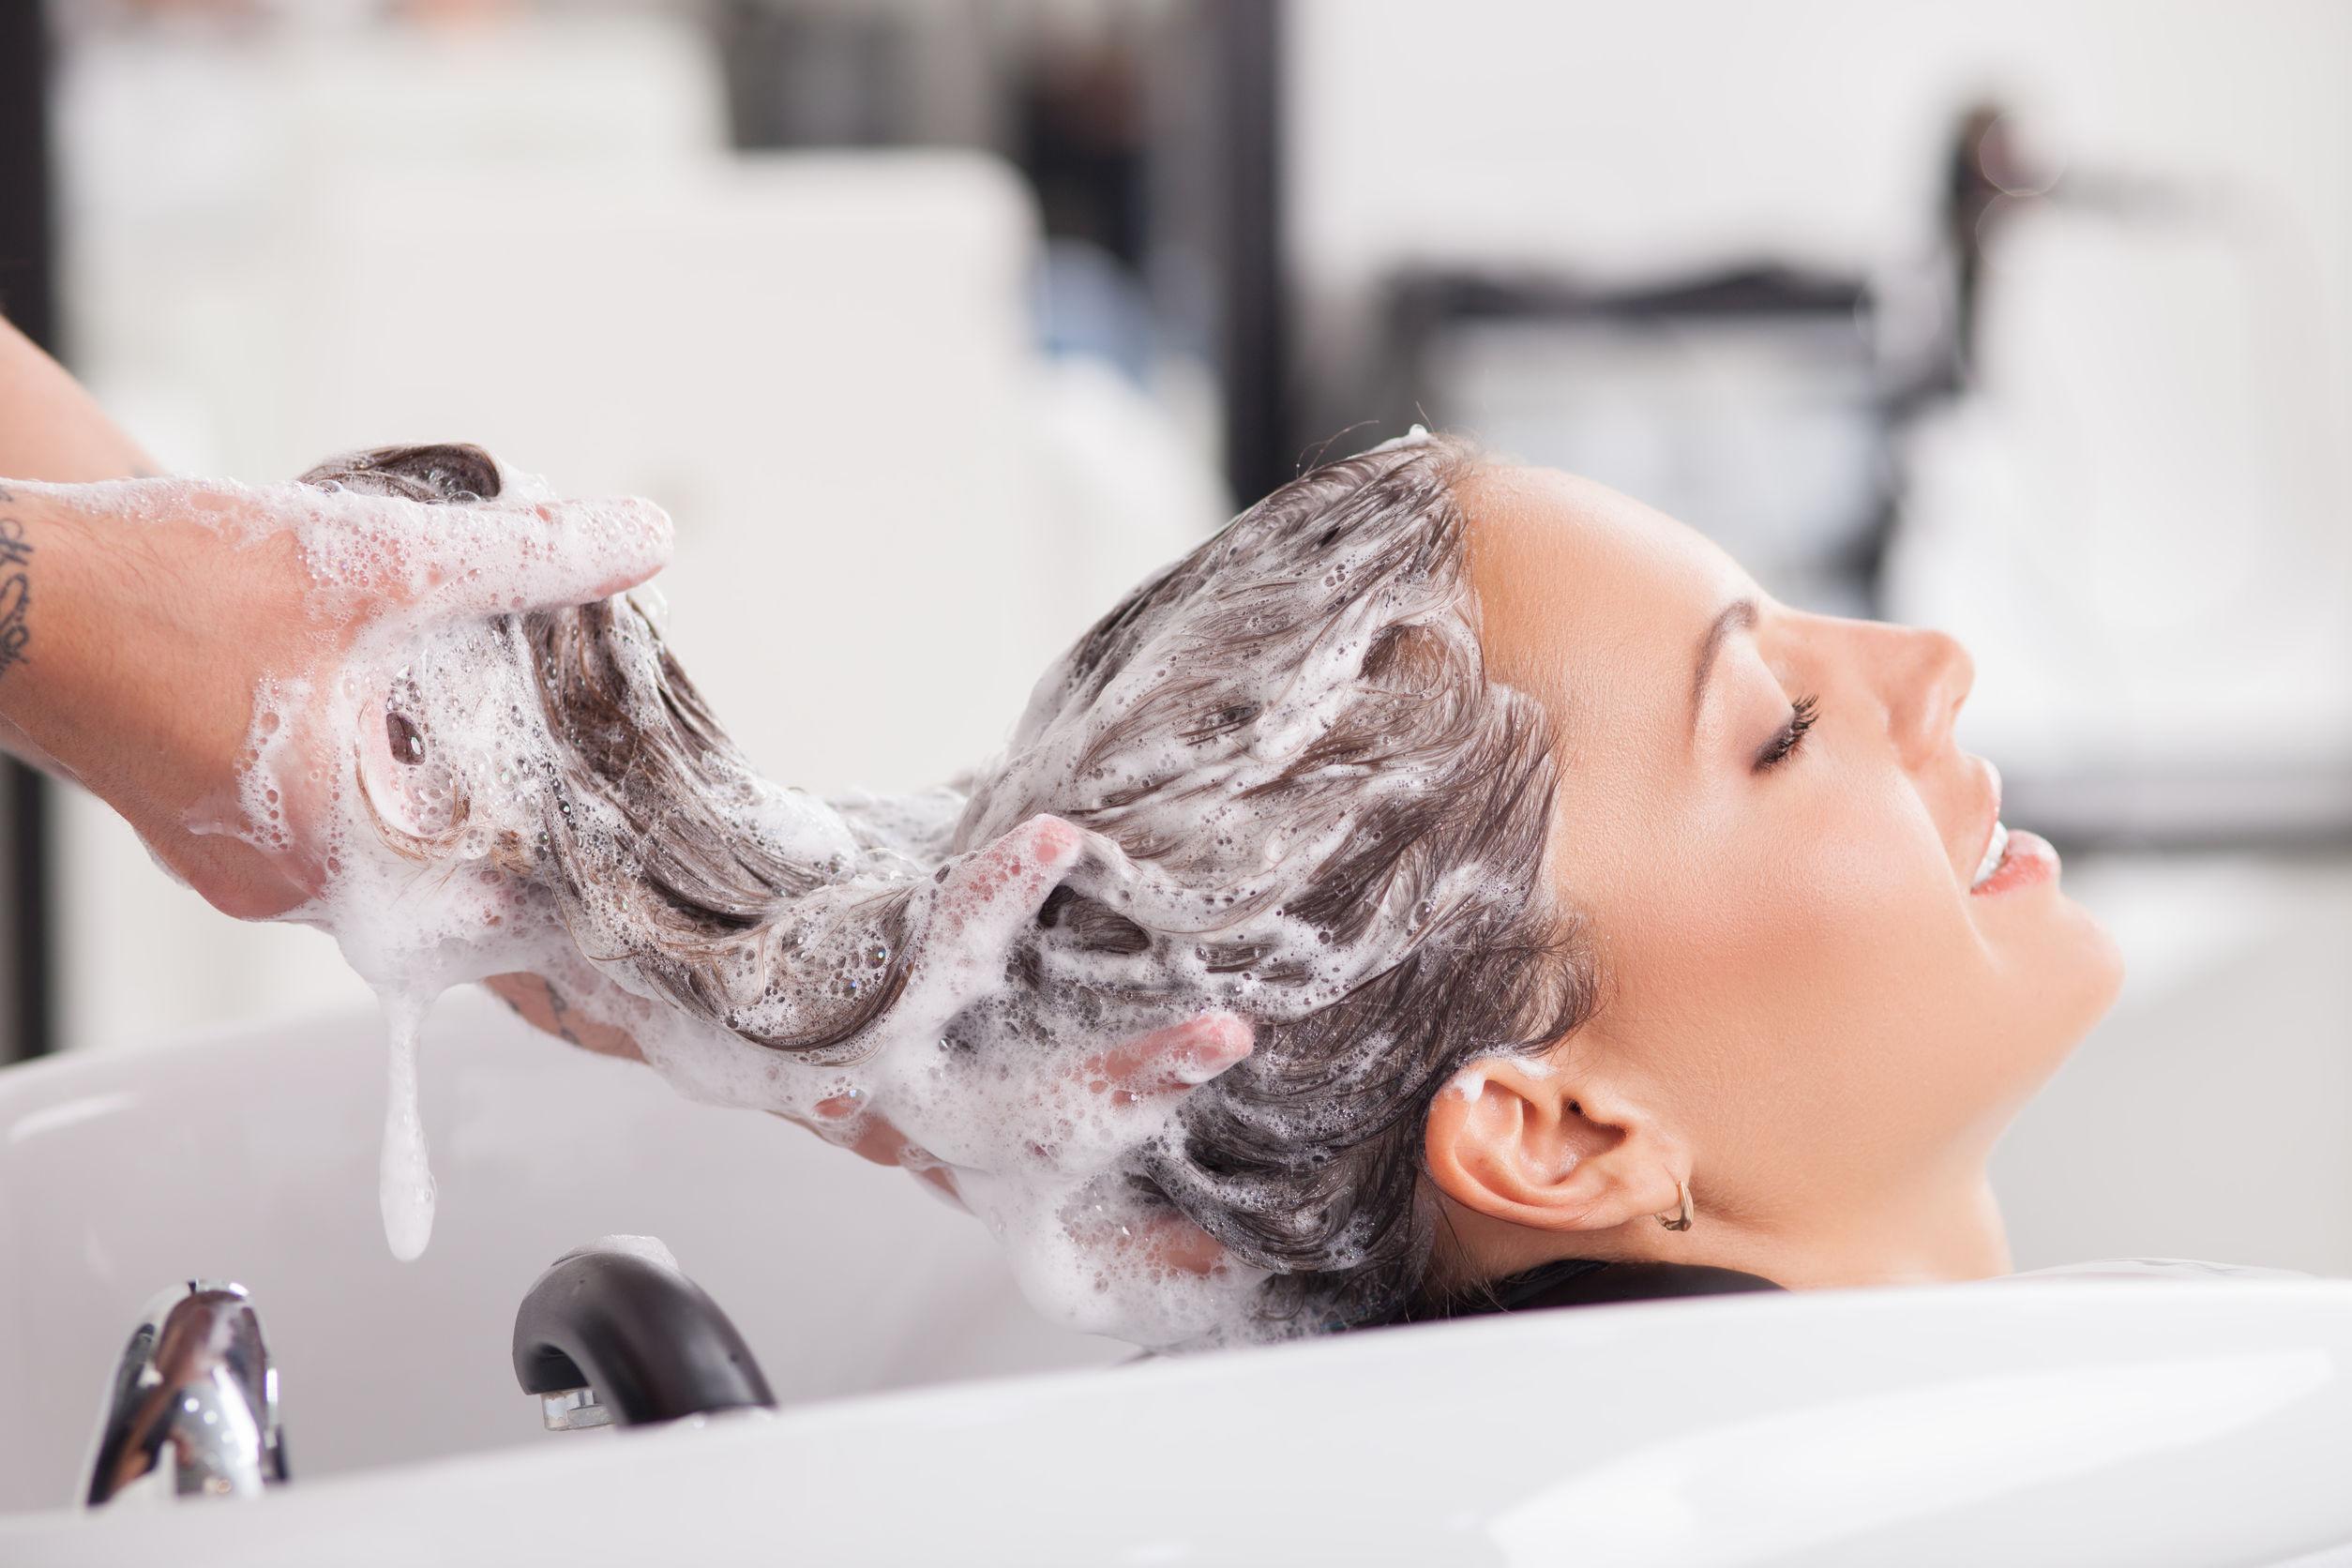 Knoblauch Shampoo: Test & Empfehlungen (04/21)